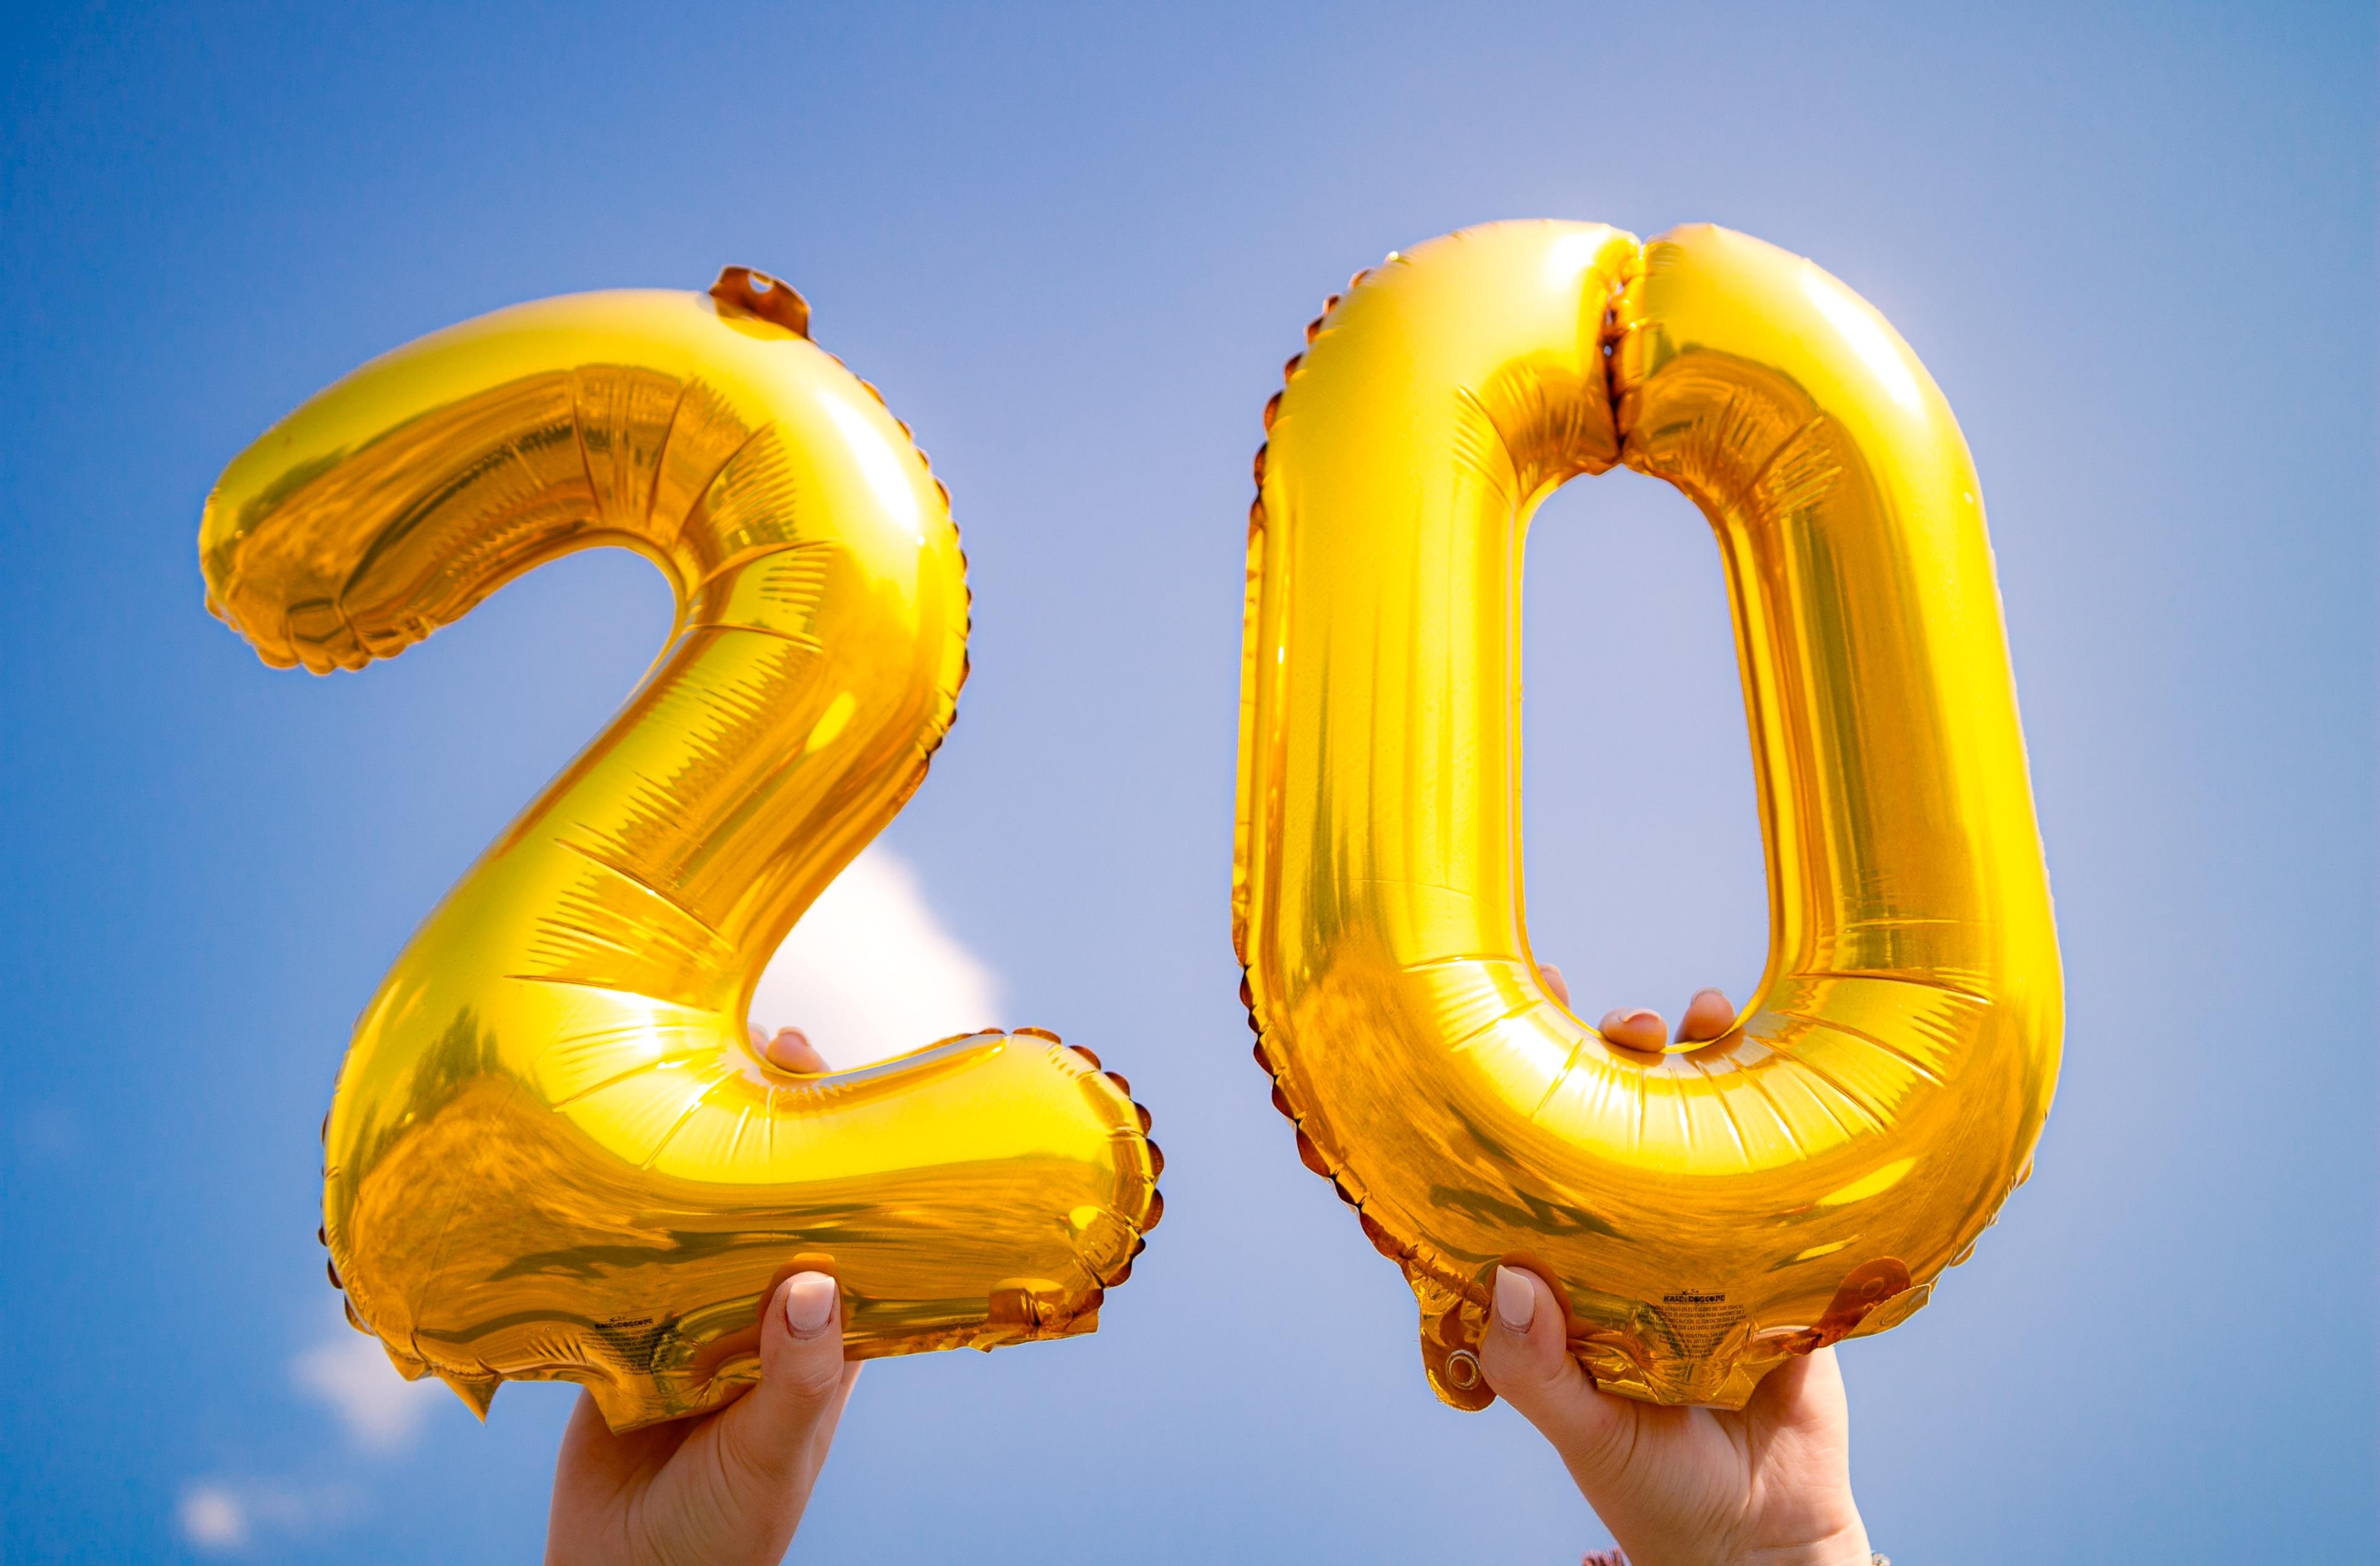 Buon compleanno! Tanti auguri per i tuoi 20 anni